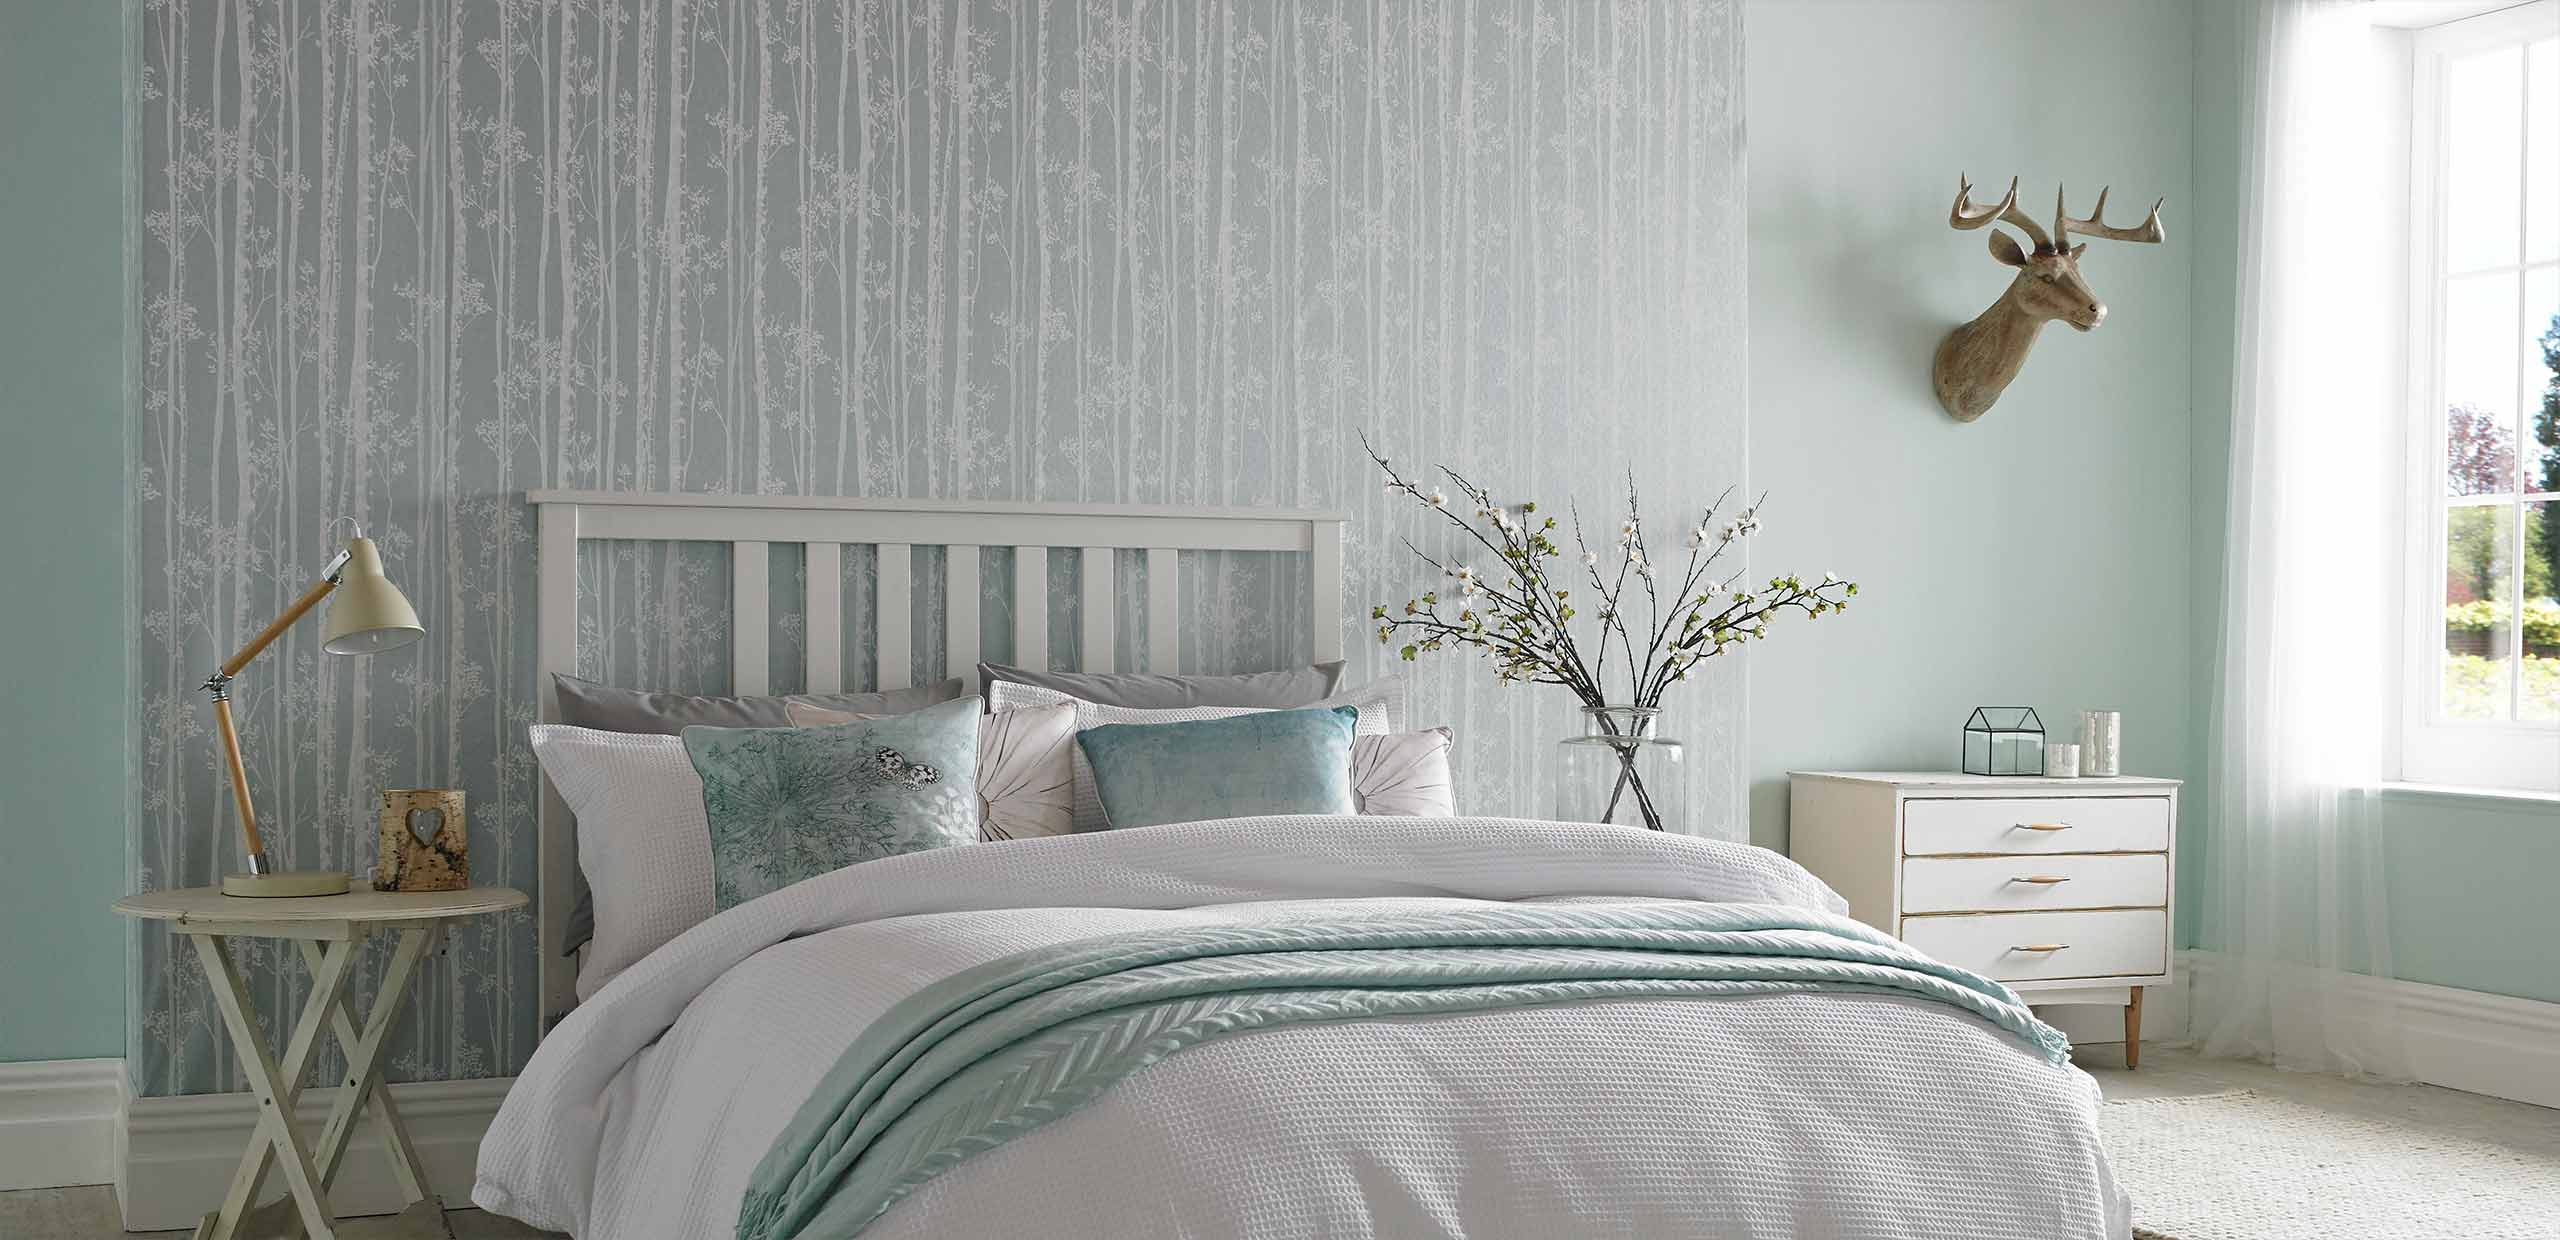 Комбинирование обоев с рисунком в спальне